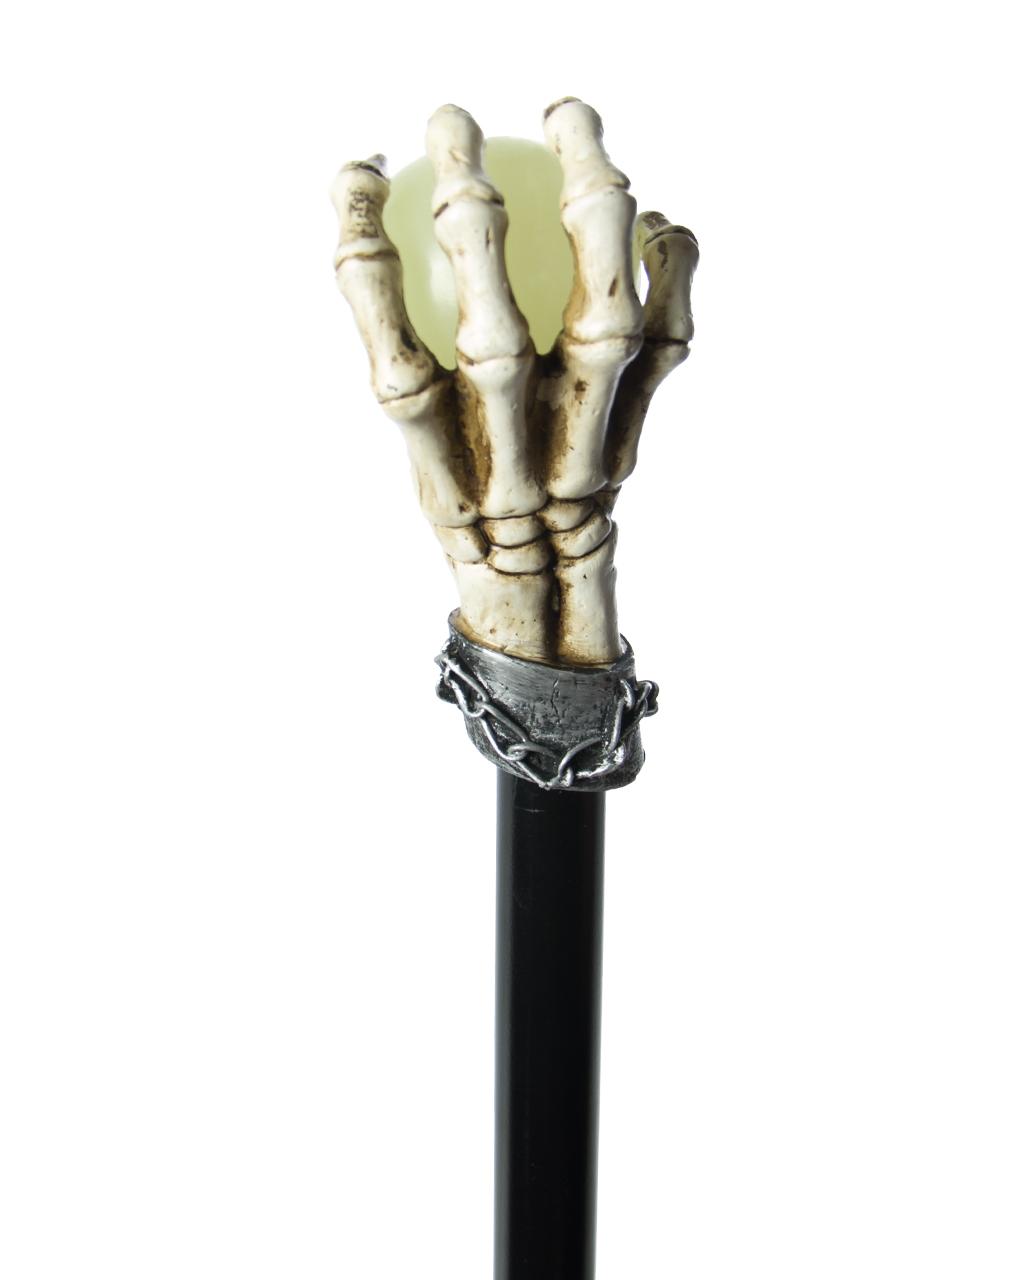 Ungewöhnlich Knochen Hand Bilder - Anatomie Und Physiologie Knochen ...